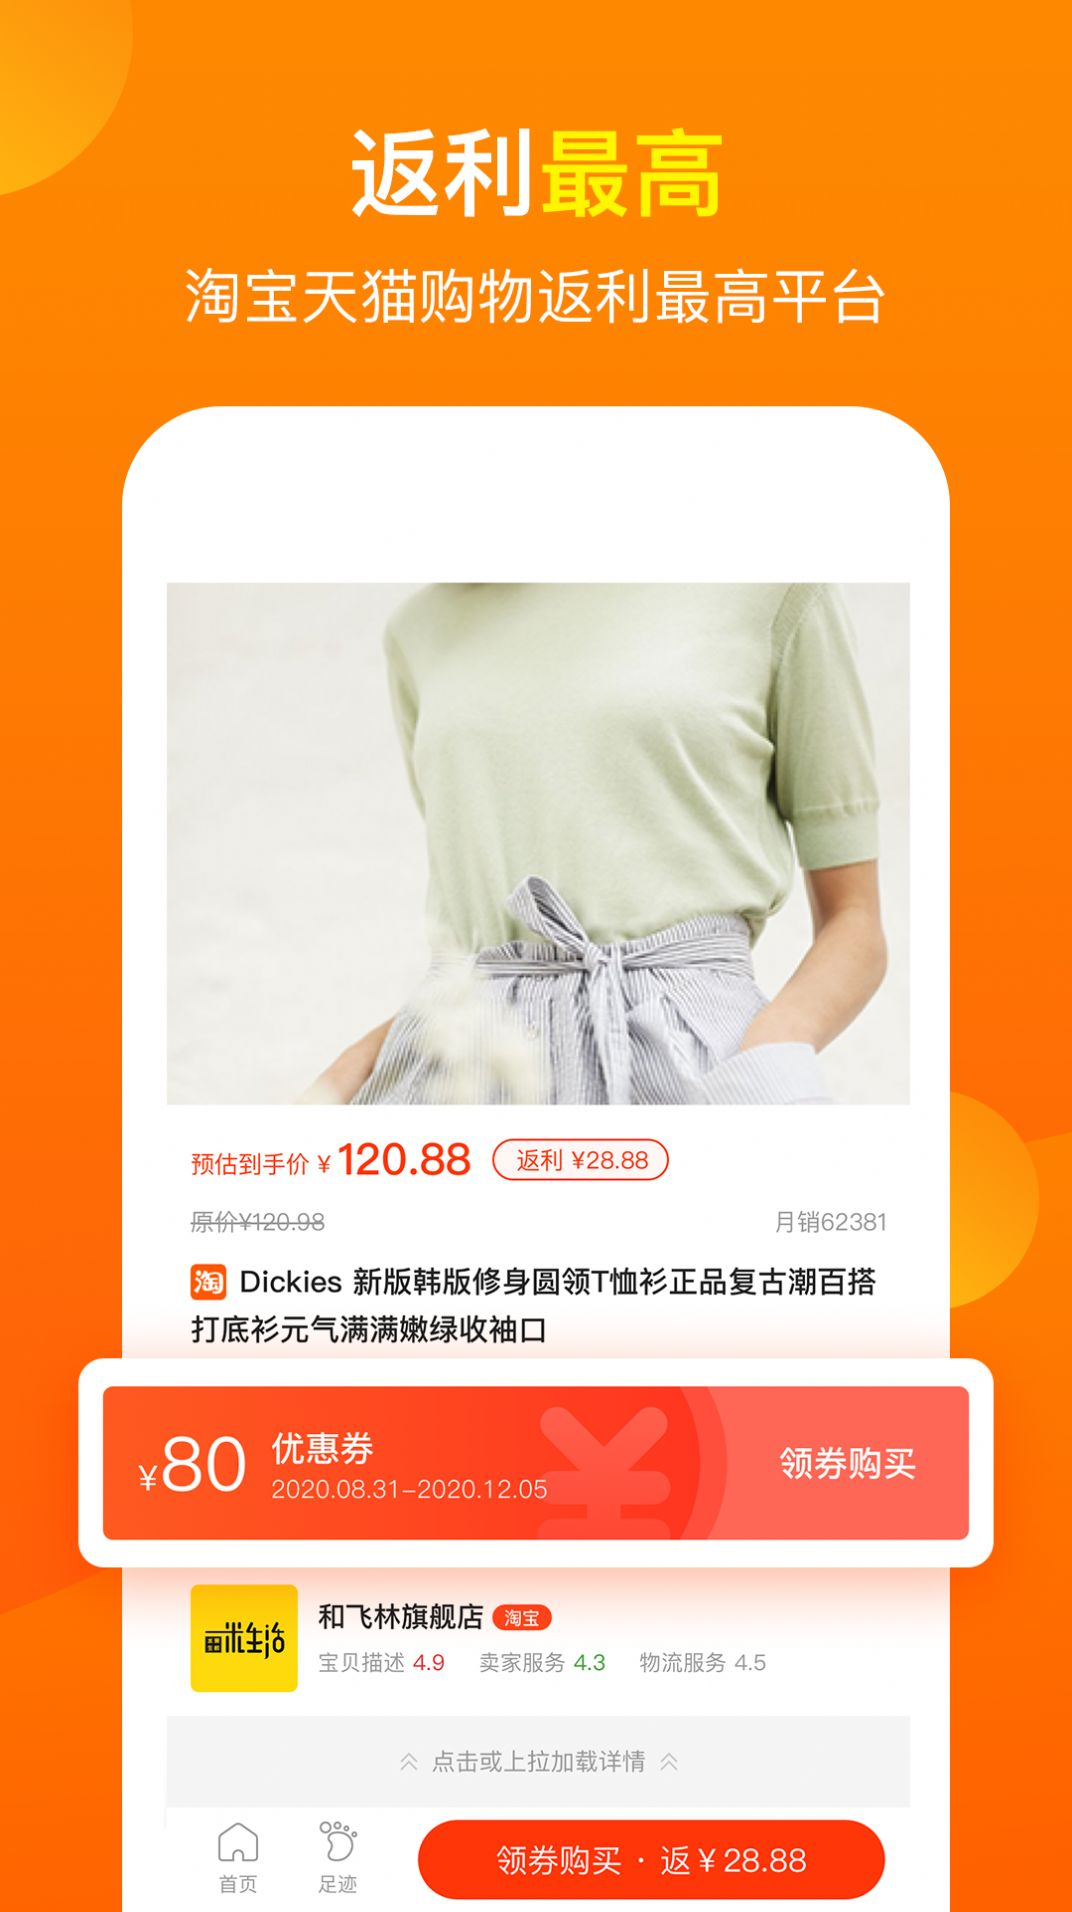 桃豆省錢安卓版軟件app下載圖2: